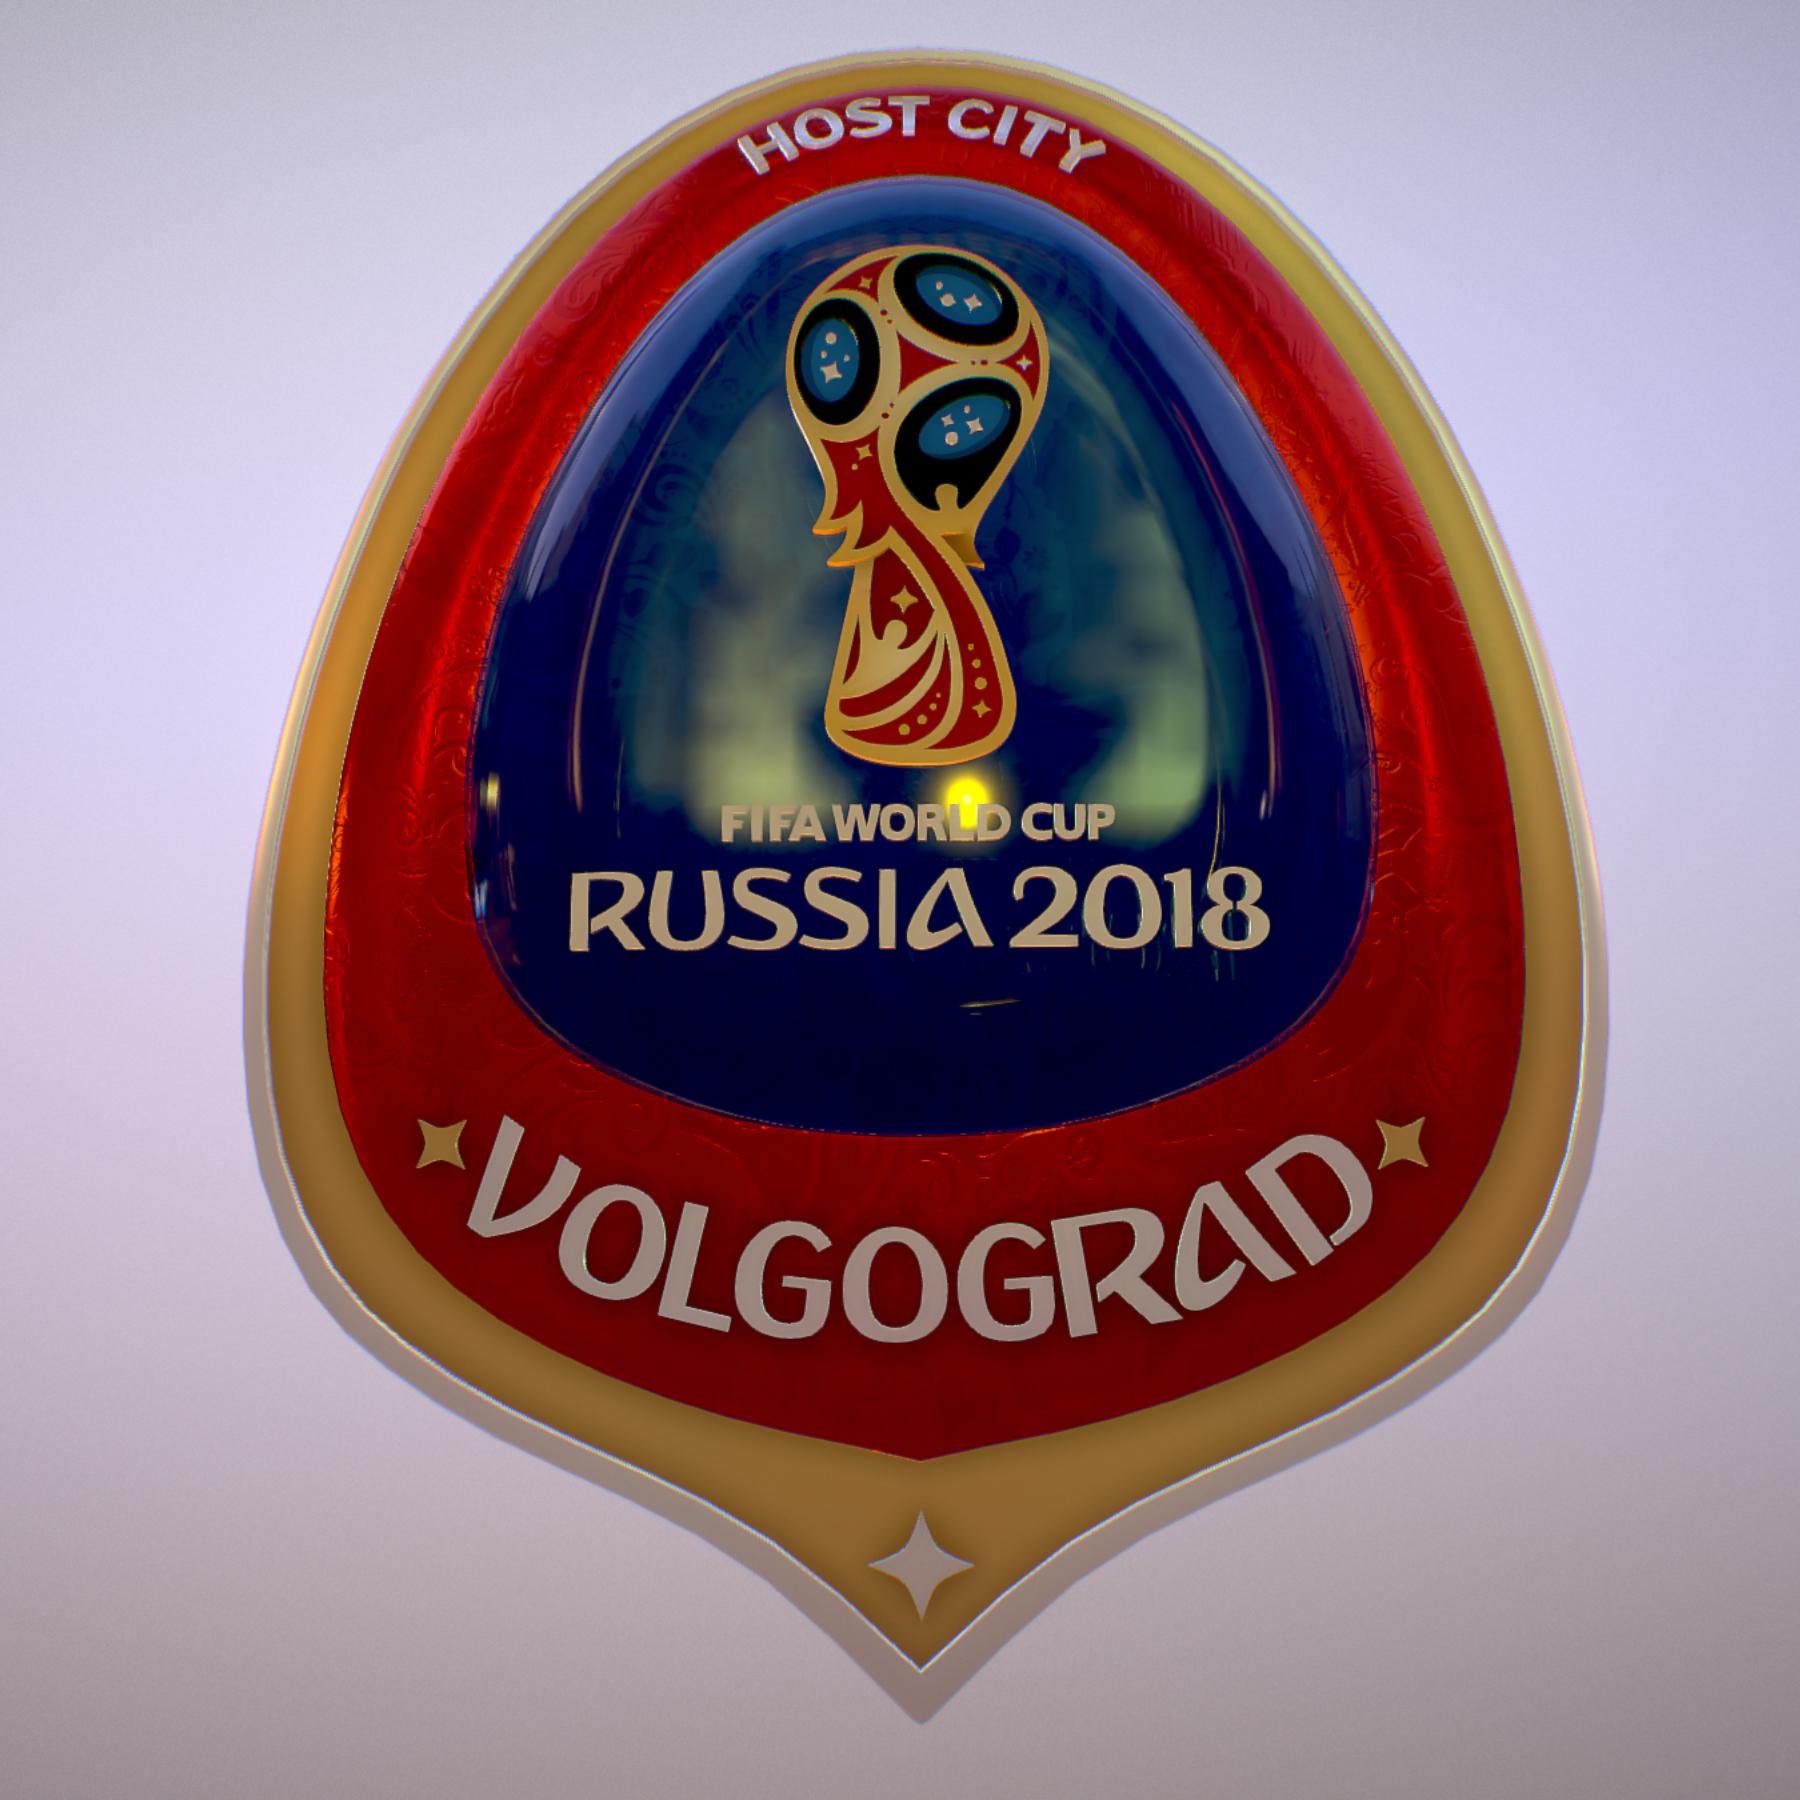 volgograd host city world cup russia 2018 symbol 3d model max  fbx jpeg jpg ma mb obj 271859